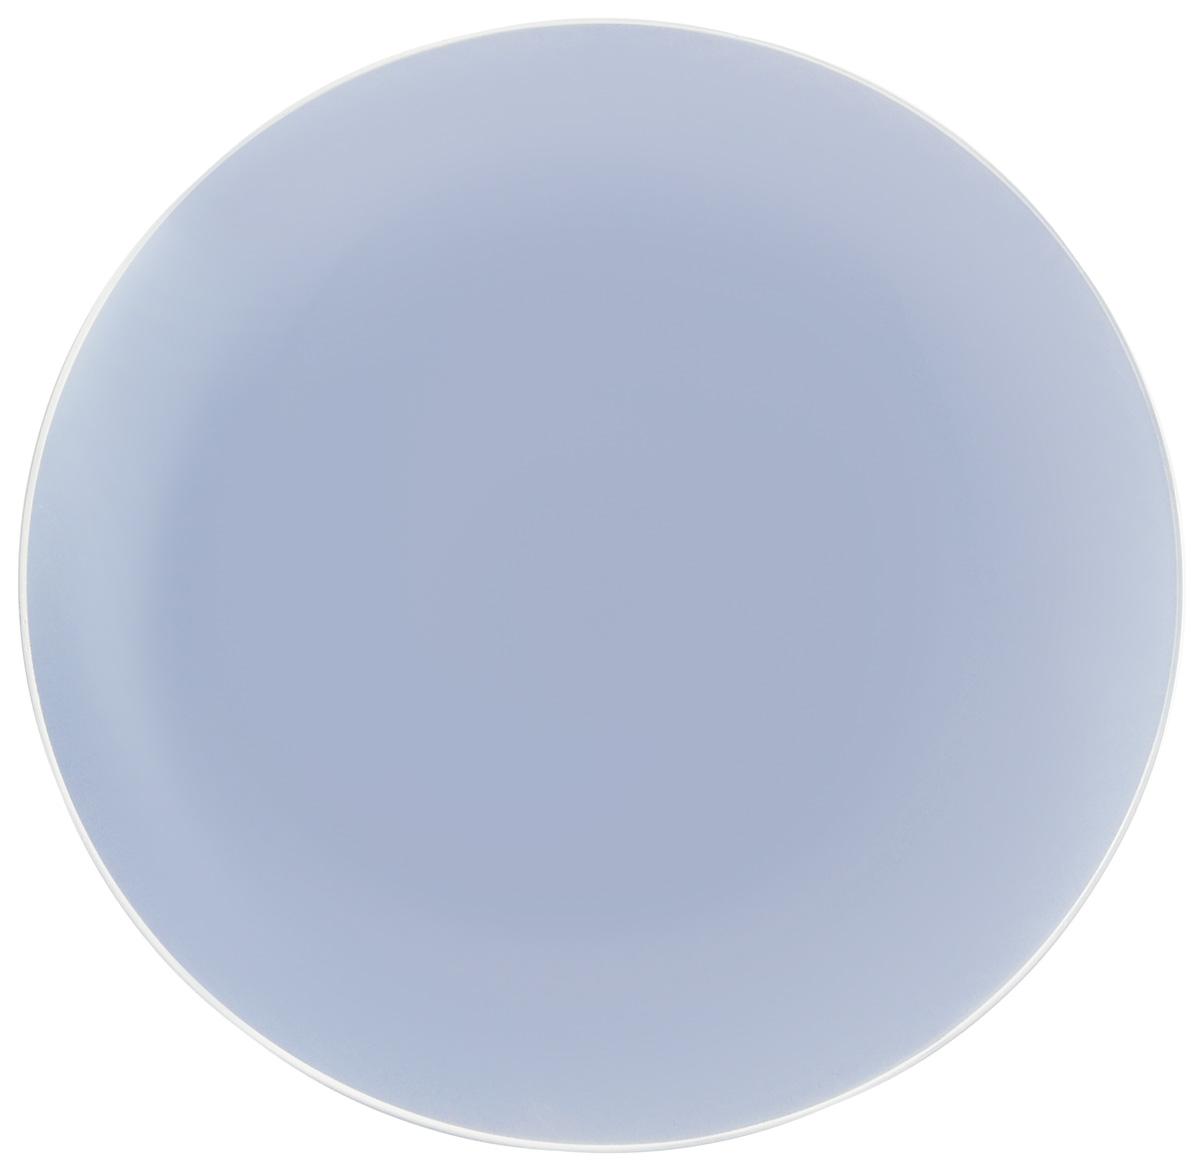 Тарелка NiNaGlass Палитра, цвет: голубой, диаметр 30 см85-300-125псТарелка NiNaGlass Палитра выполнена из высококачественного стекла яркий насыщенный цвет. Тарелка идеальна для подачи вторых блюд, а также сервировки закусок, нарезок, салатов, овощей и фруктов. Она отлично подойдет как для повседневных, так и для торжественных случаев. Такая тарелка прекрасно впишется в интерьер вашей кухни и станет достойным дополнением к кухонному инвентарю.